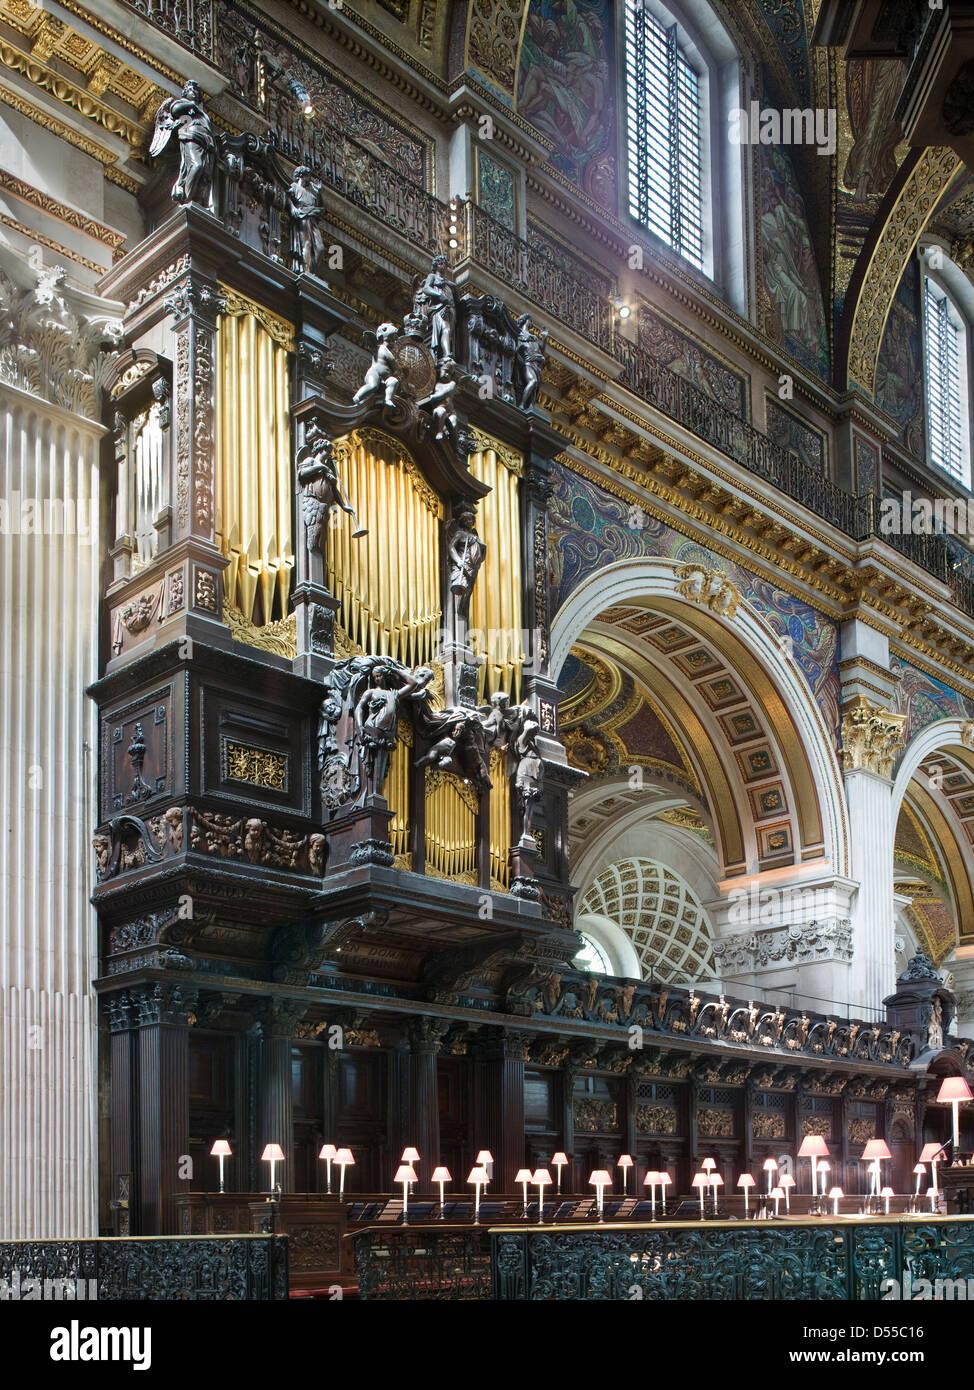 Órgano de la Catedral de St Paul's case y el coro Imagen De Stock